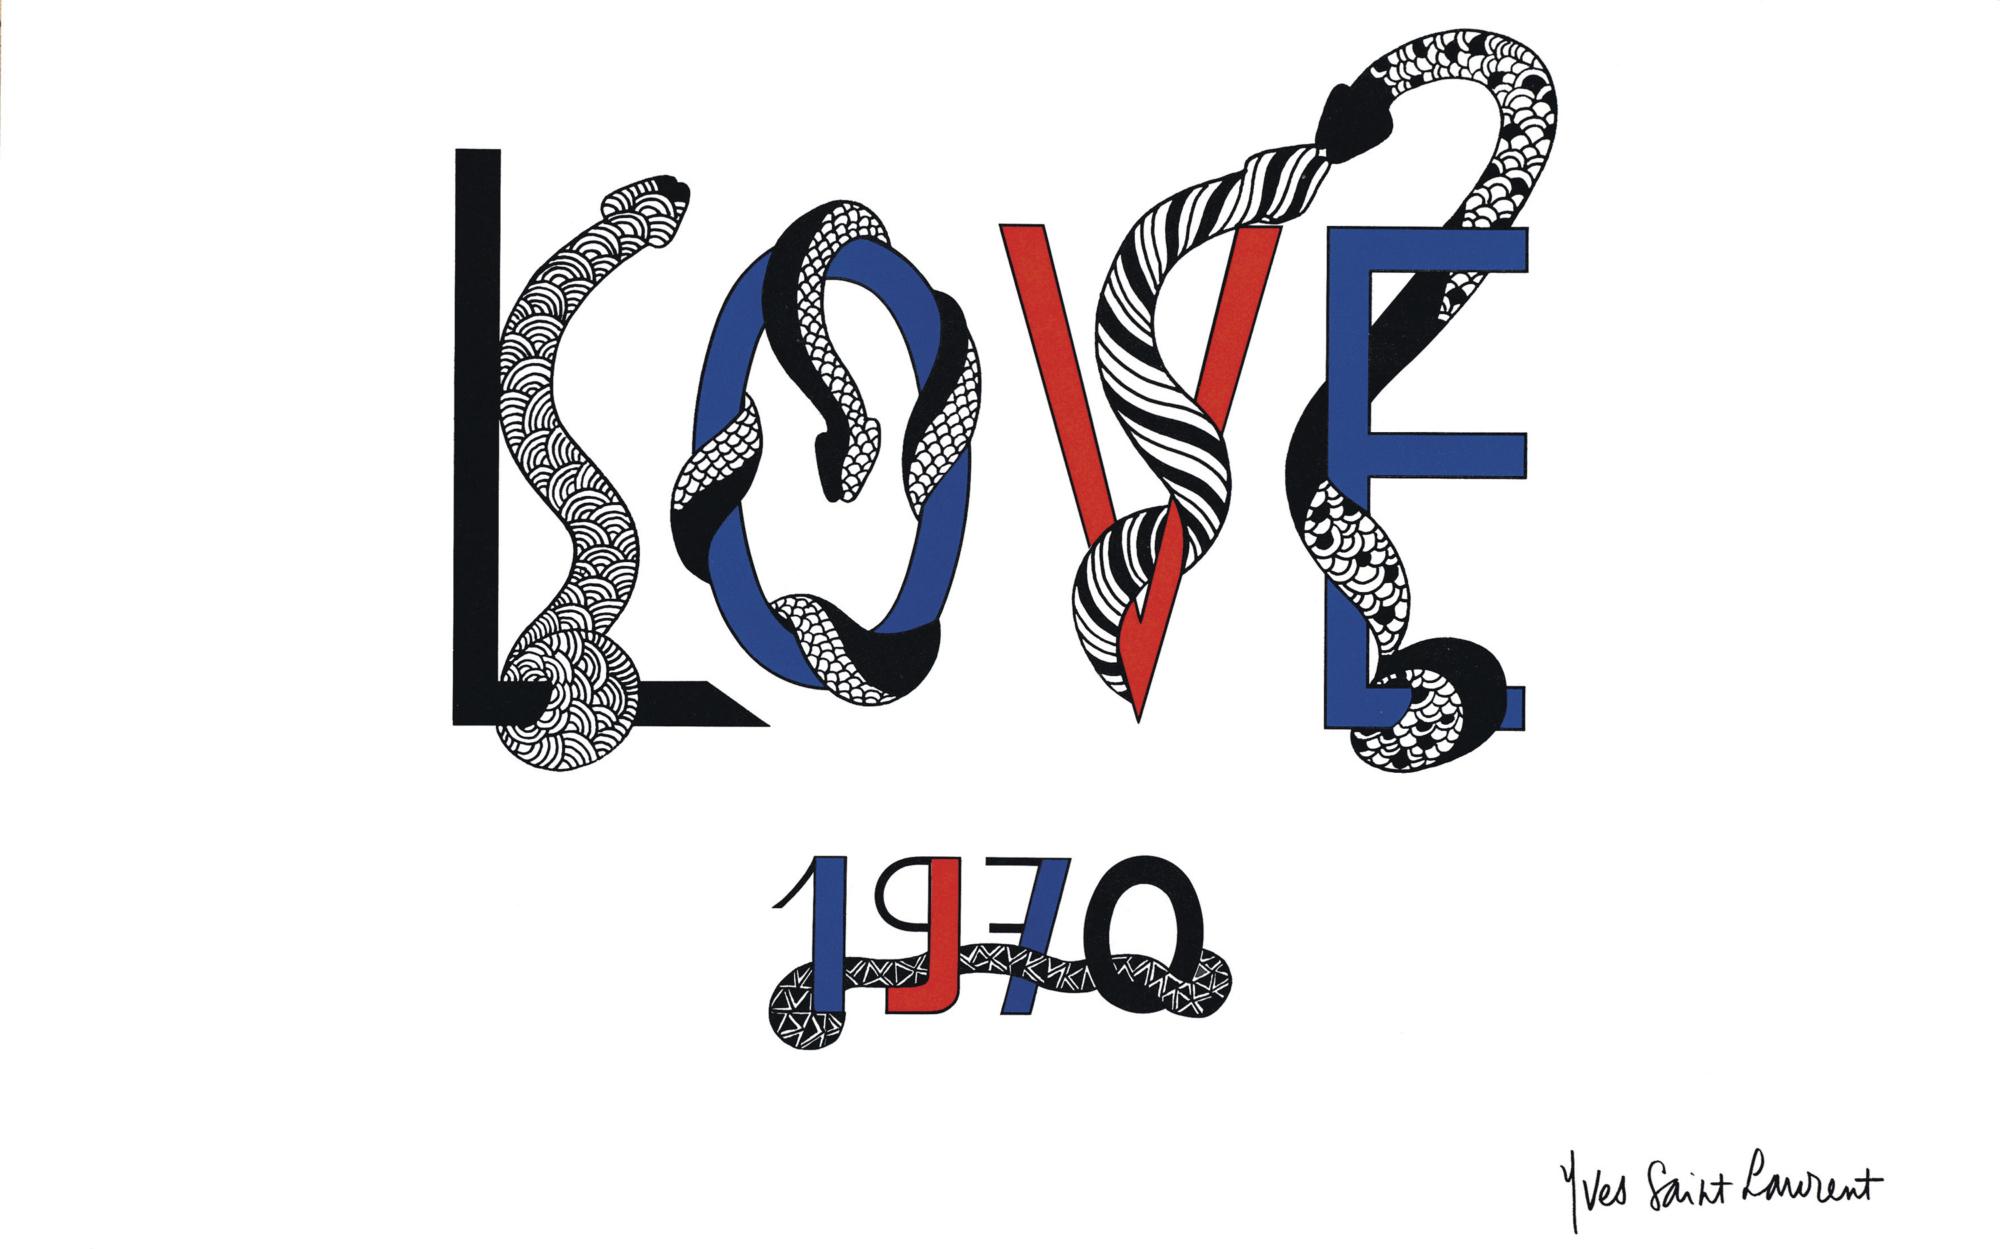 80d06c20f3c75 The First LOVE cards - Musée Yves Saint Laurent Paris